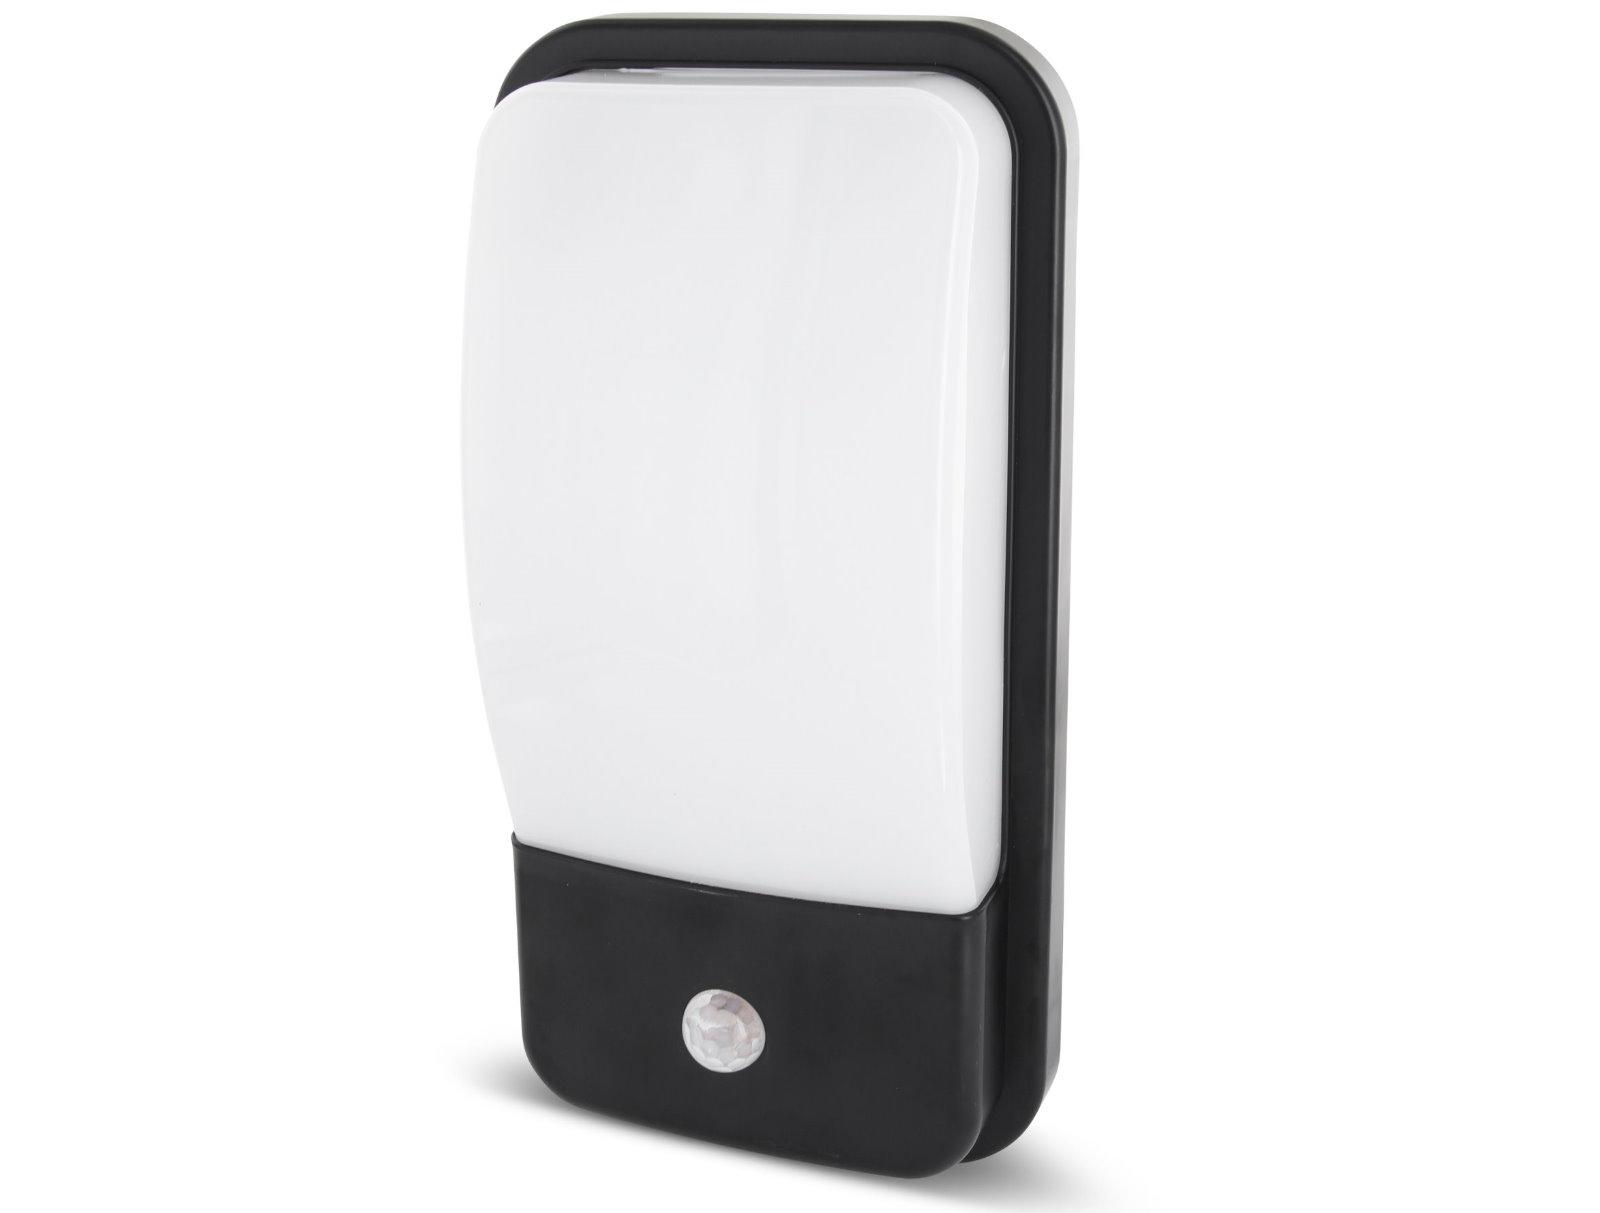 LED Hausnummernleuchte IP65 mit Sensor  - 20W warmweiß